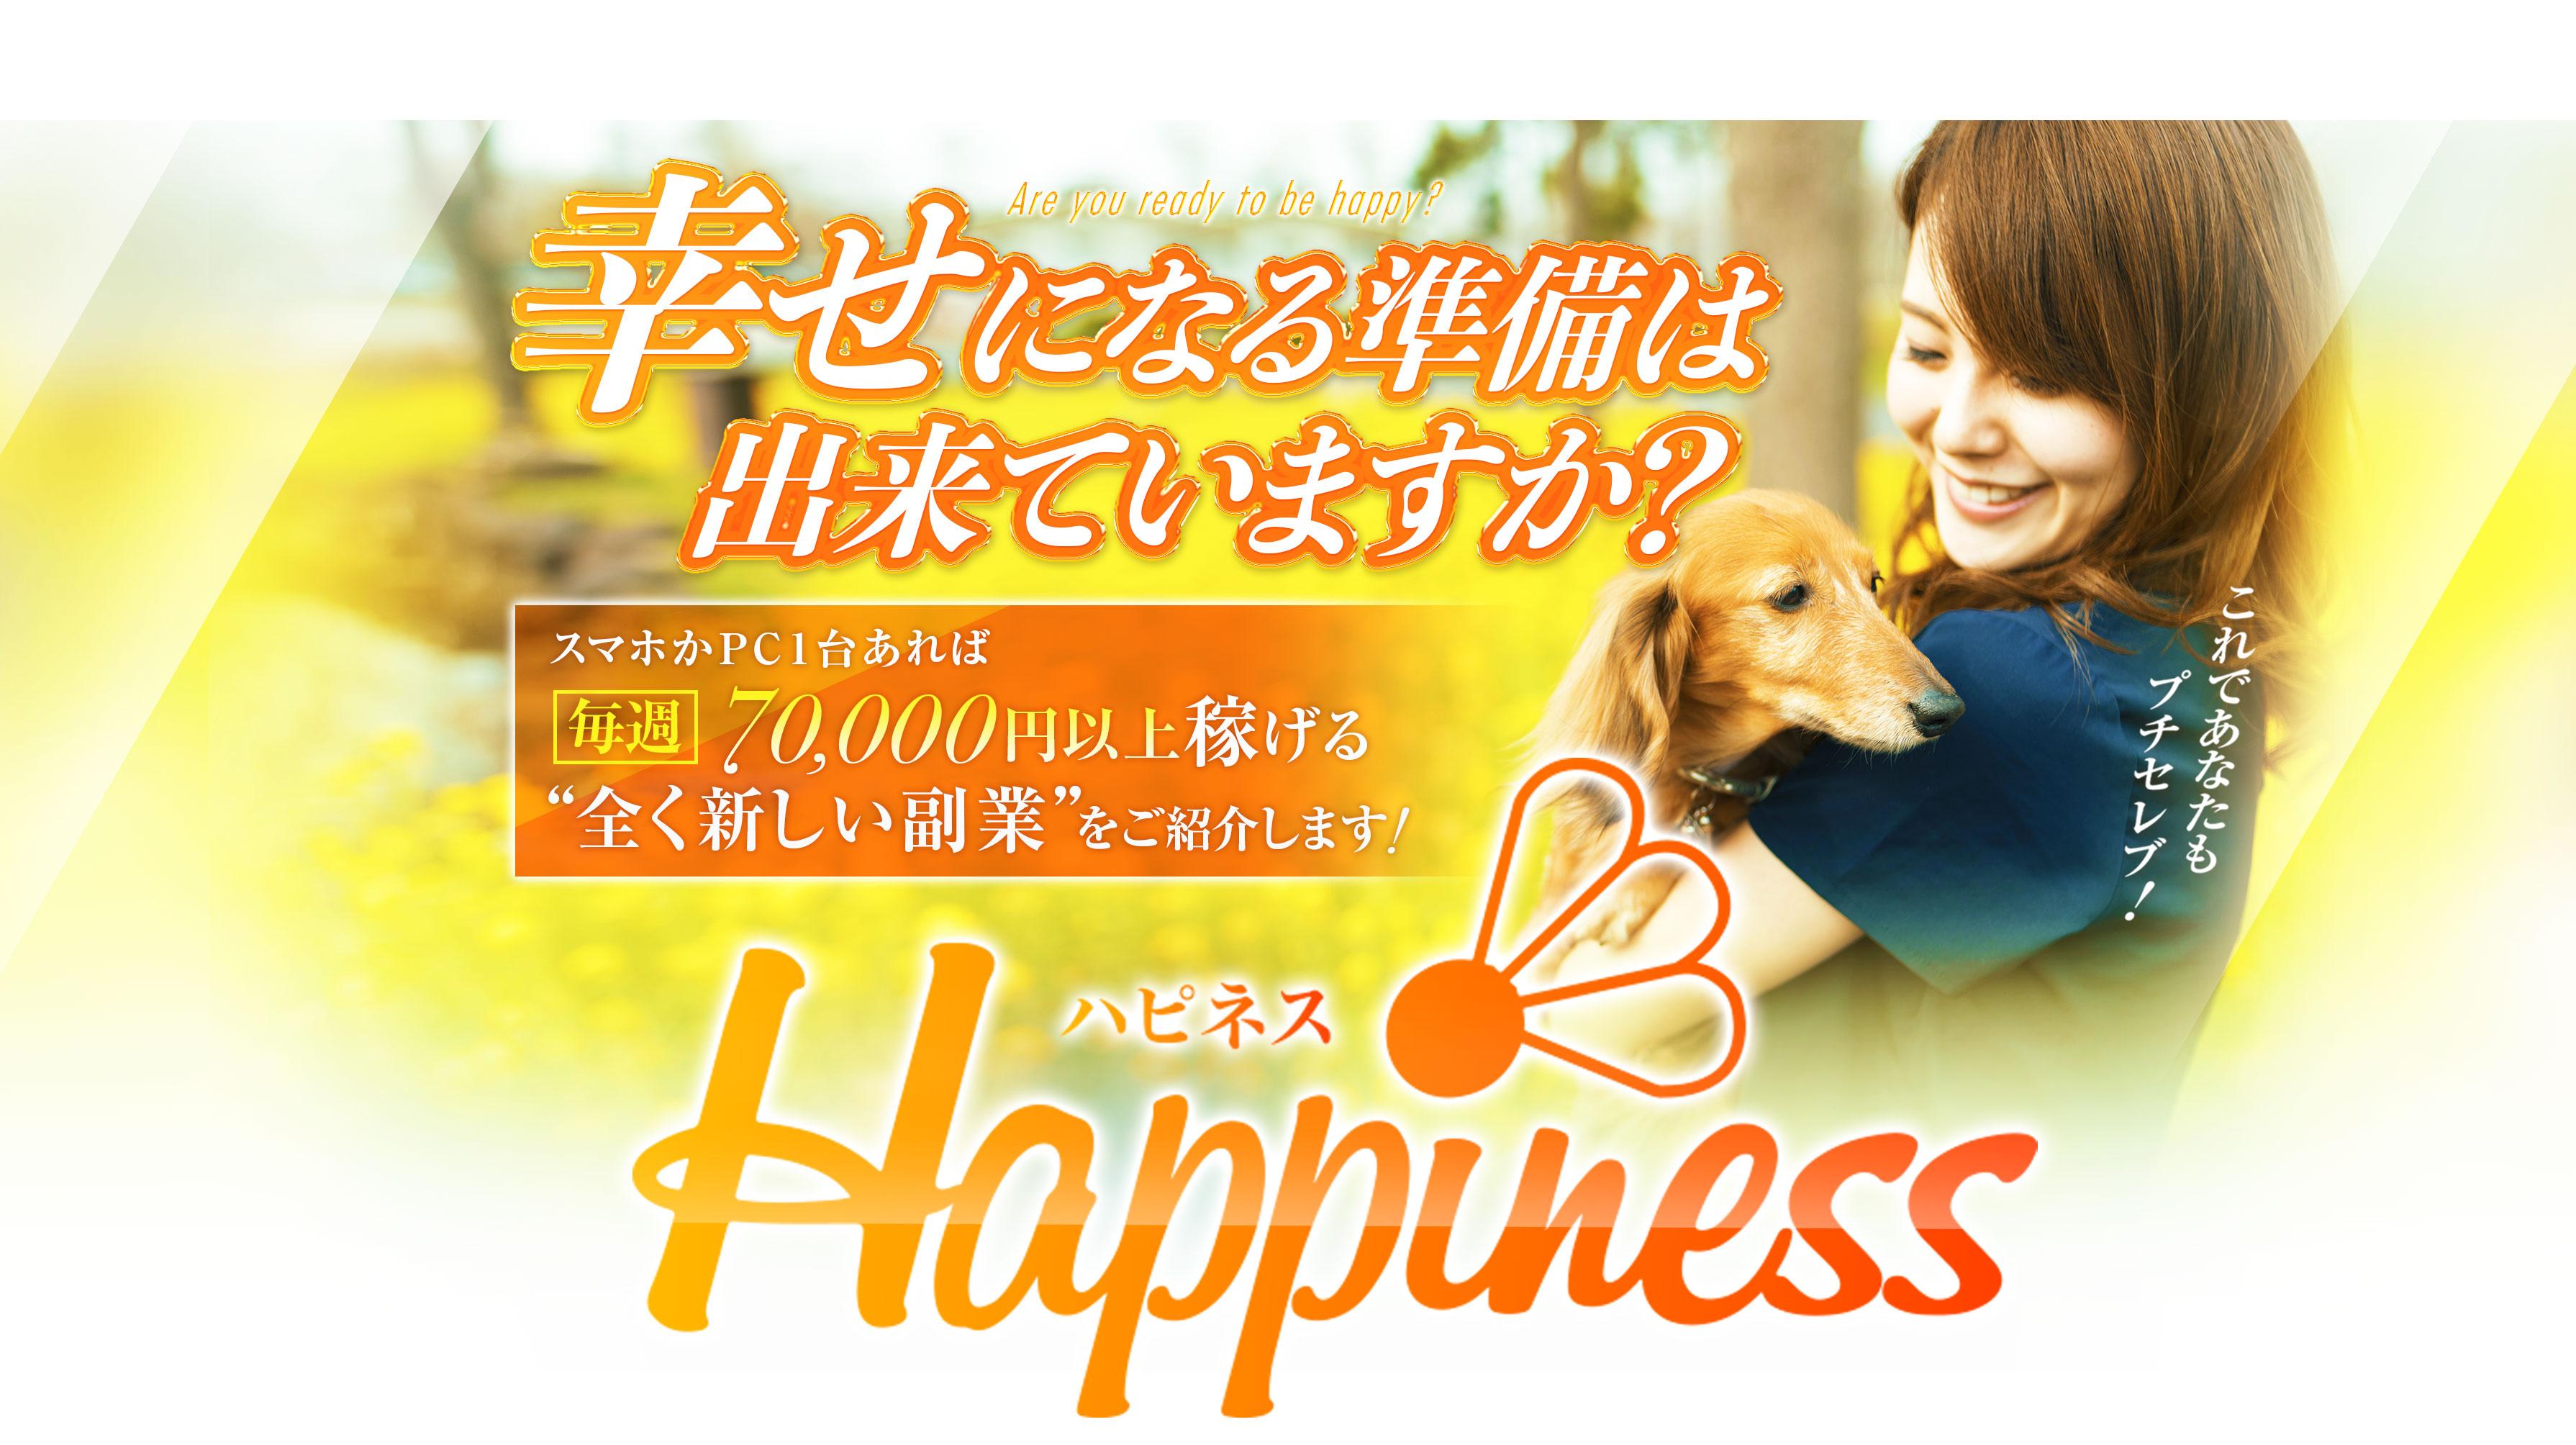 Happiness(ハピネス) 伊藤響子